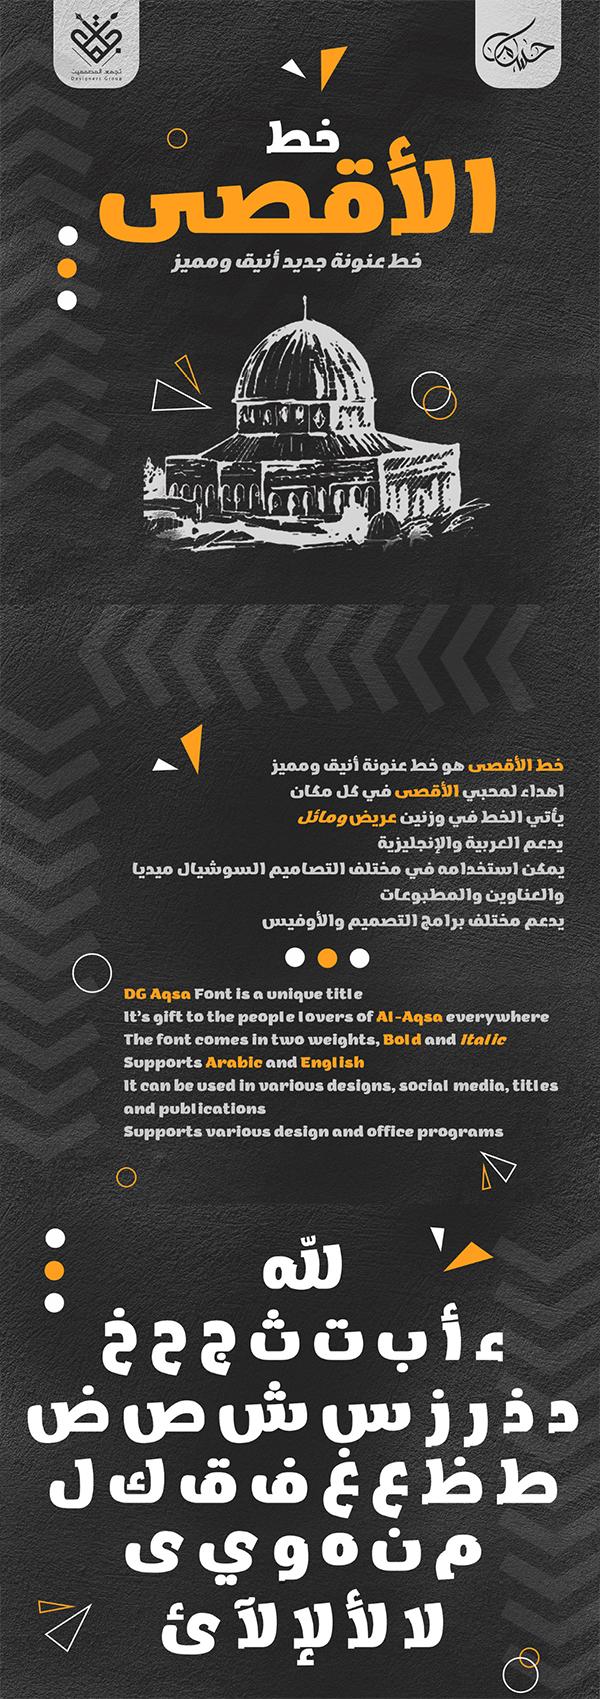 DG Aqsa Free Font